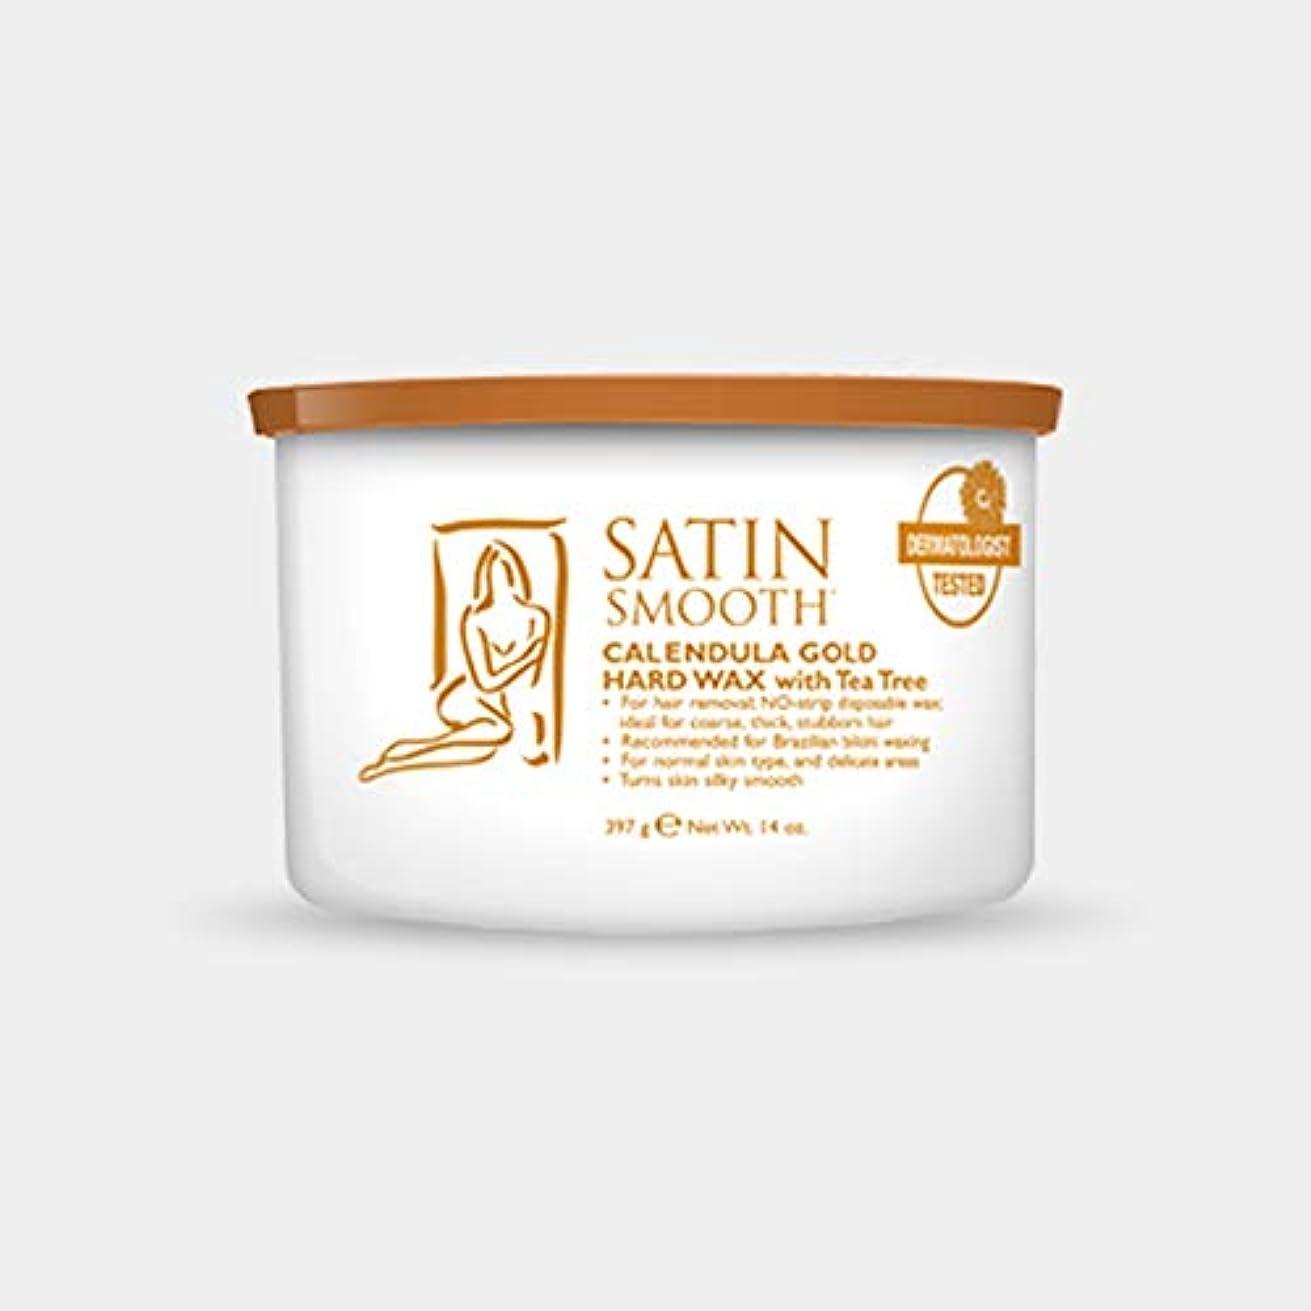 事務所けん引れんがSatin Smooth Calendula Gold Hard Wax With Tea Tree Oil (並行輸入品)